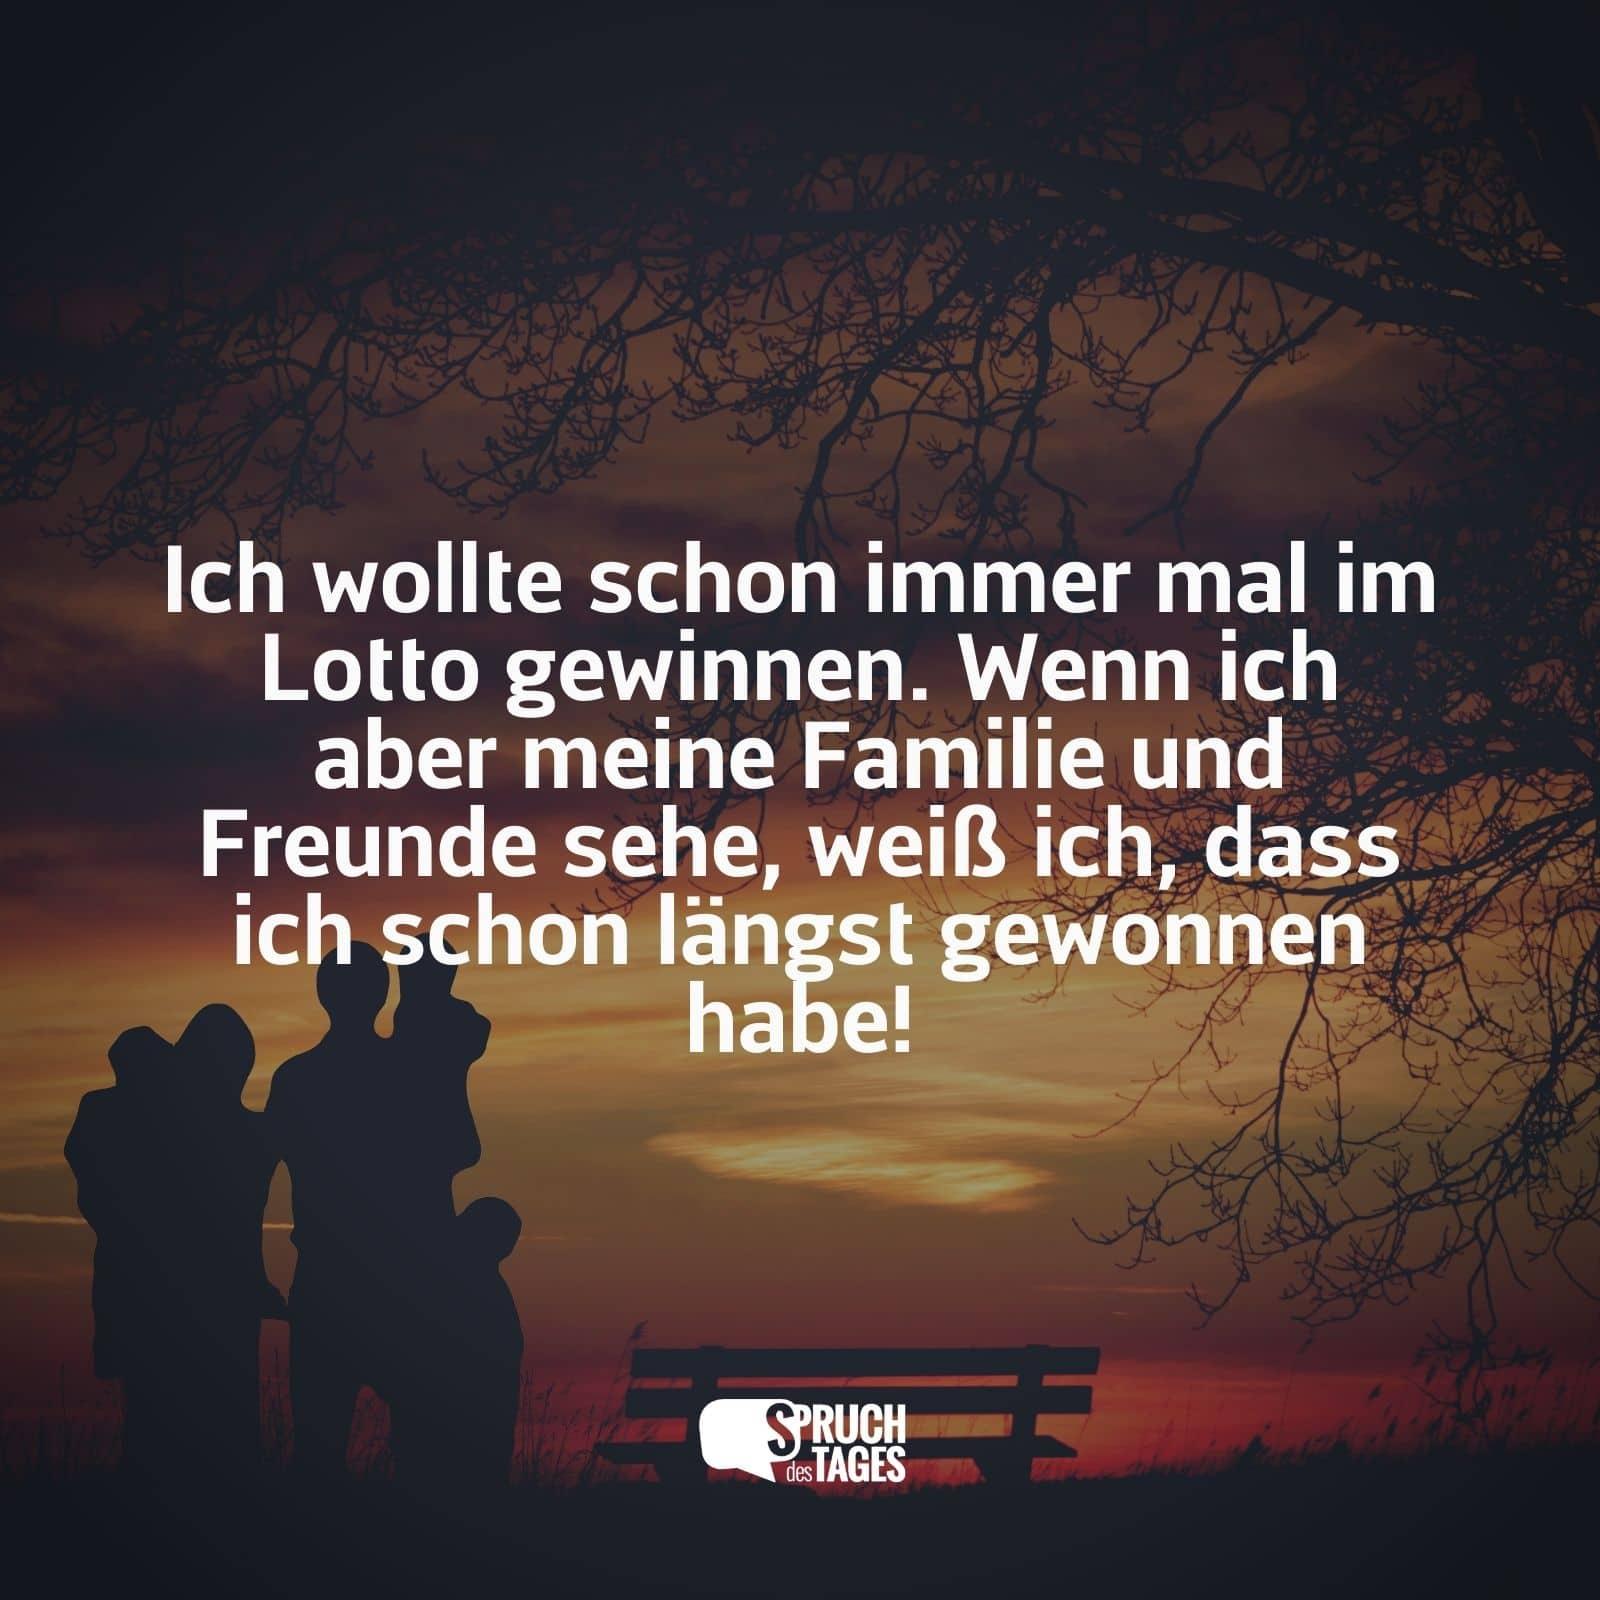 Familie und freunde sind das wichtigste sprüche. Schöne Zitate zu